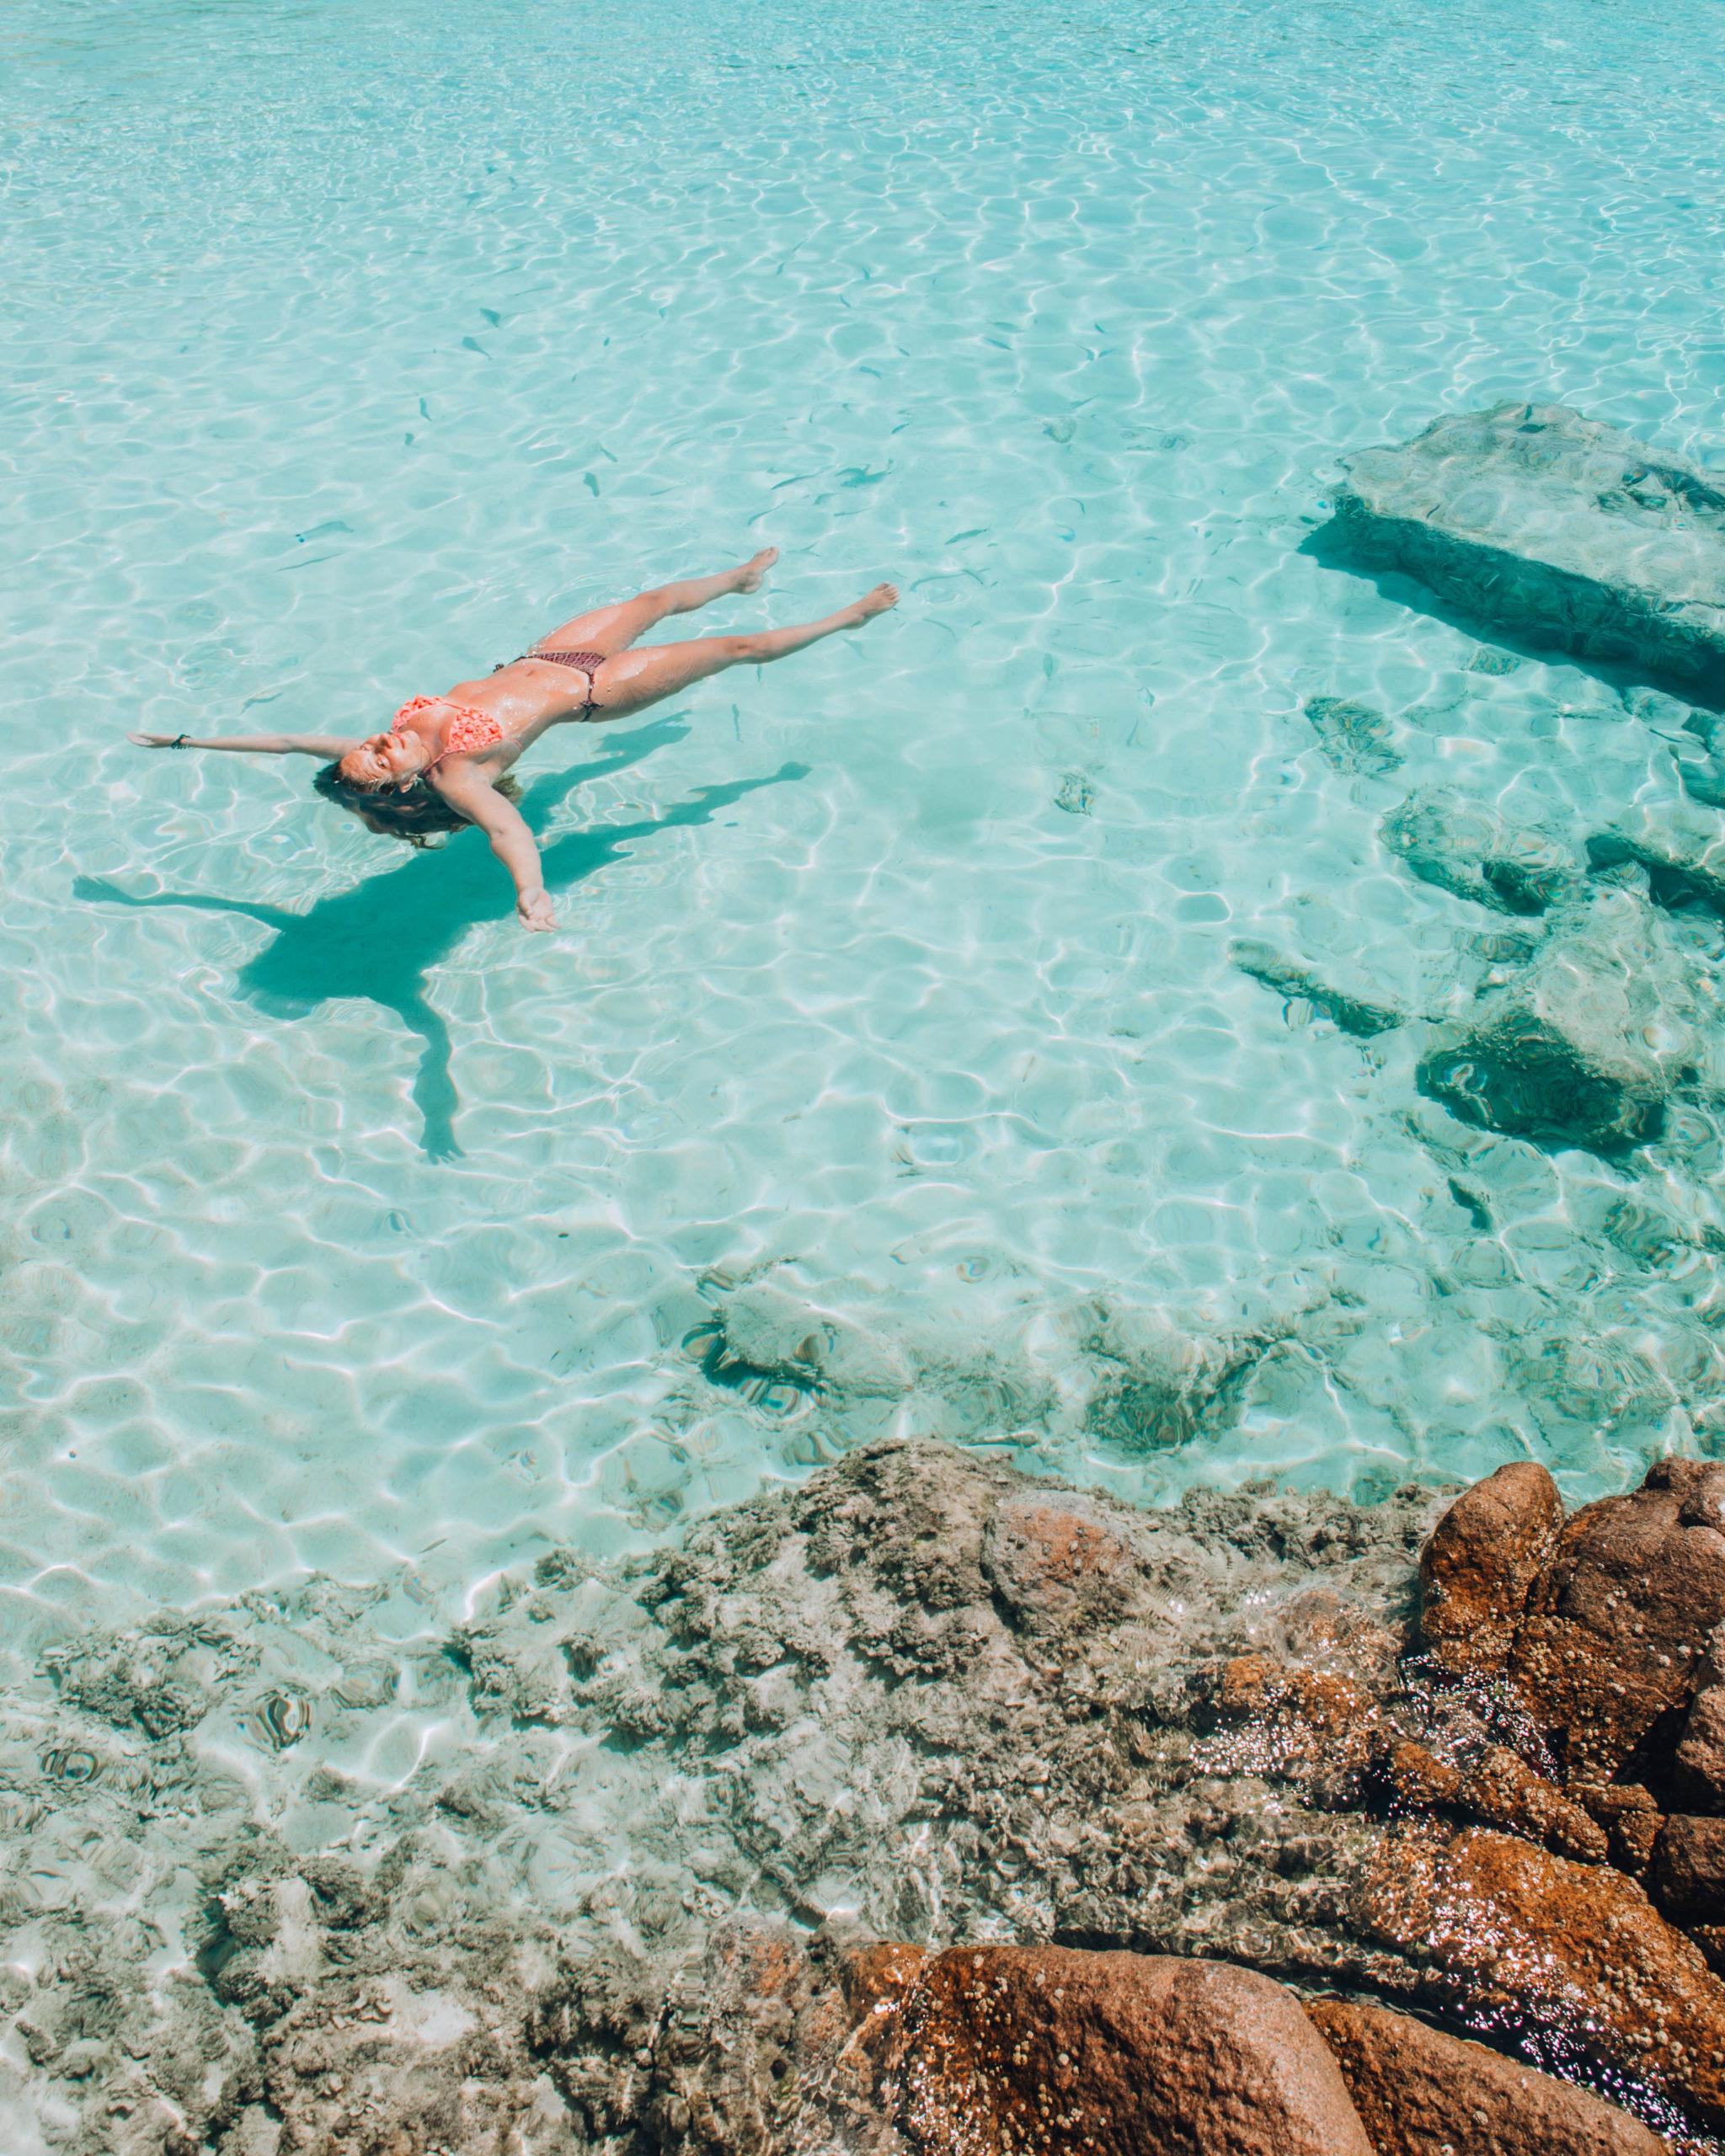 ragazza che galleggia in acqua turchese e trasparente